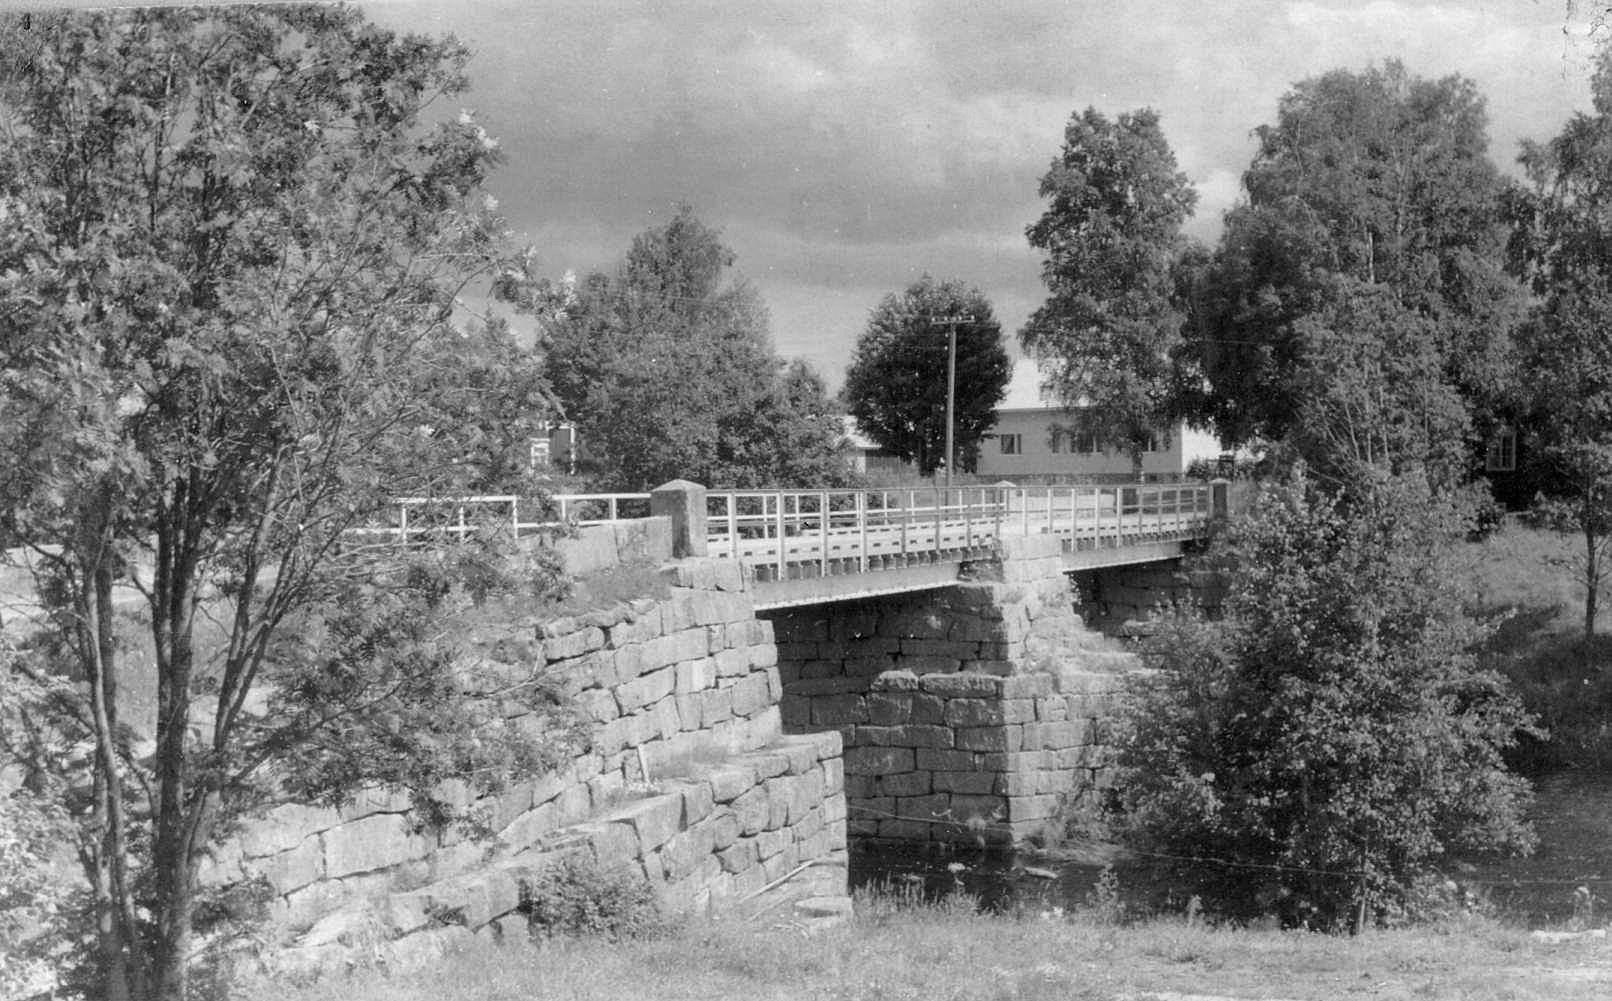 Det är beundransvärt hur fint stenarbete byggare kunde göra år 1855, då den nya bron skulle byggas i all hast.